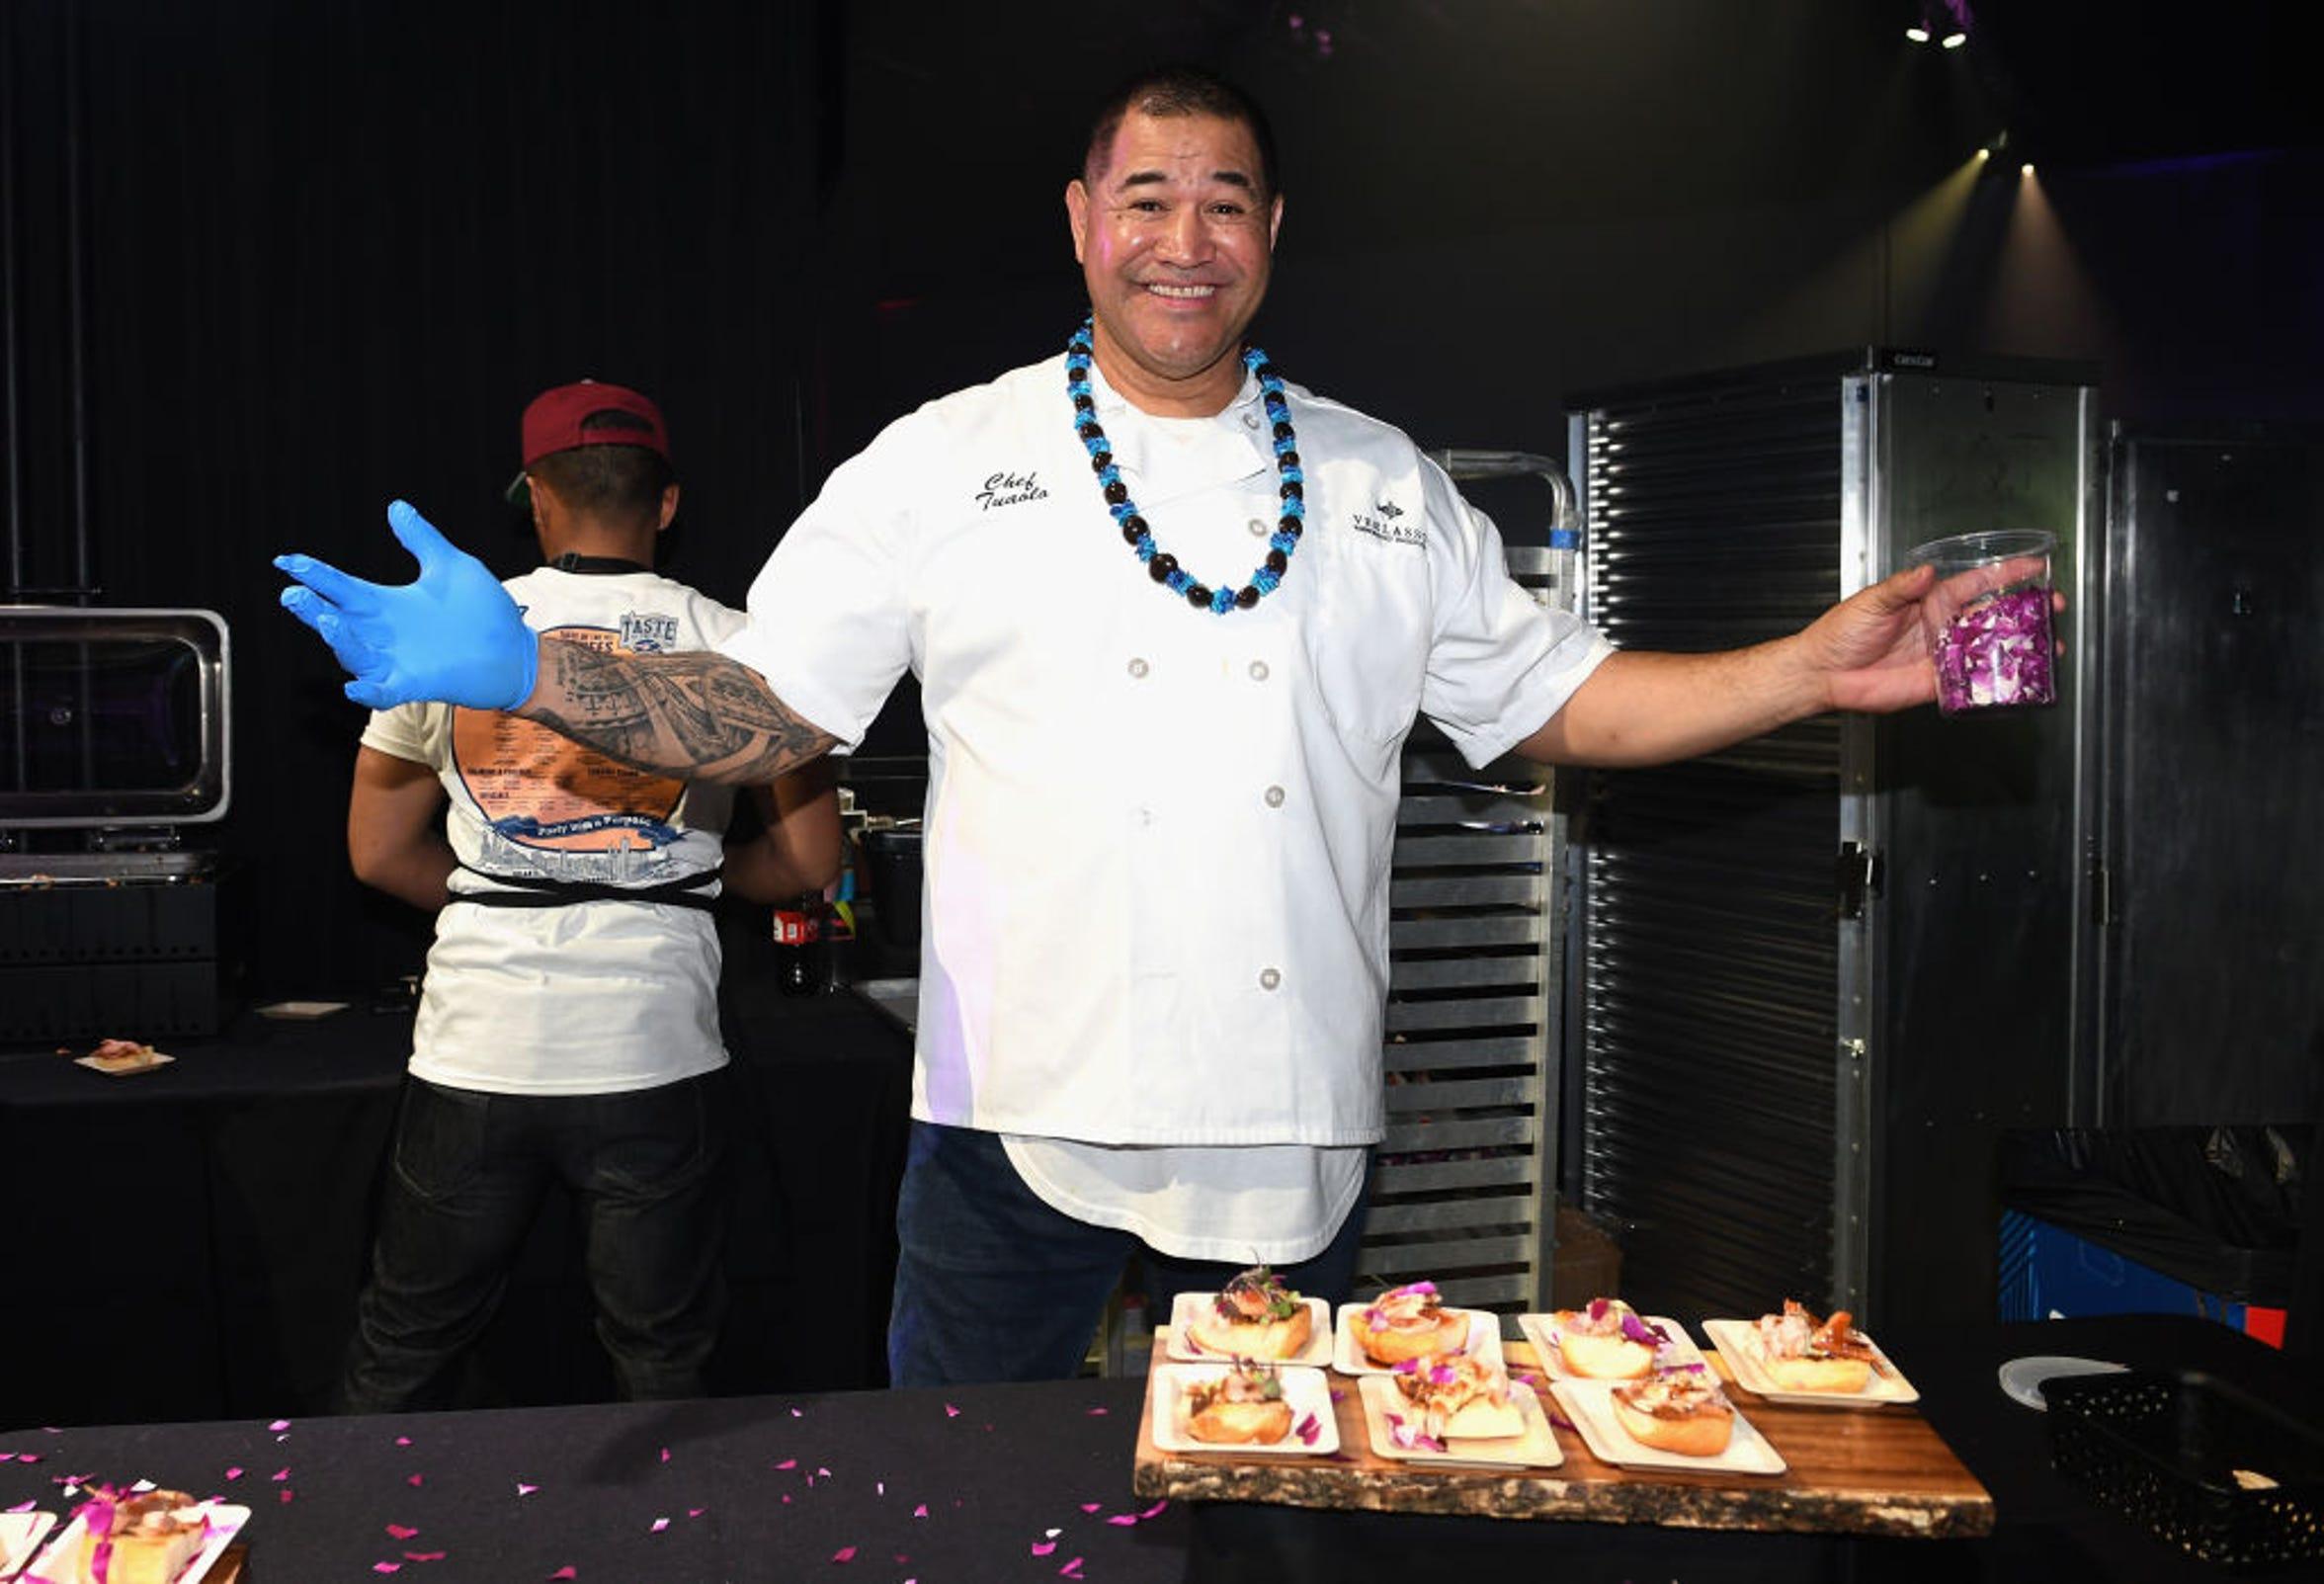 Los chefs de cada una de las franquicias de la NFL muestran su sabor a los asistentes al evento.